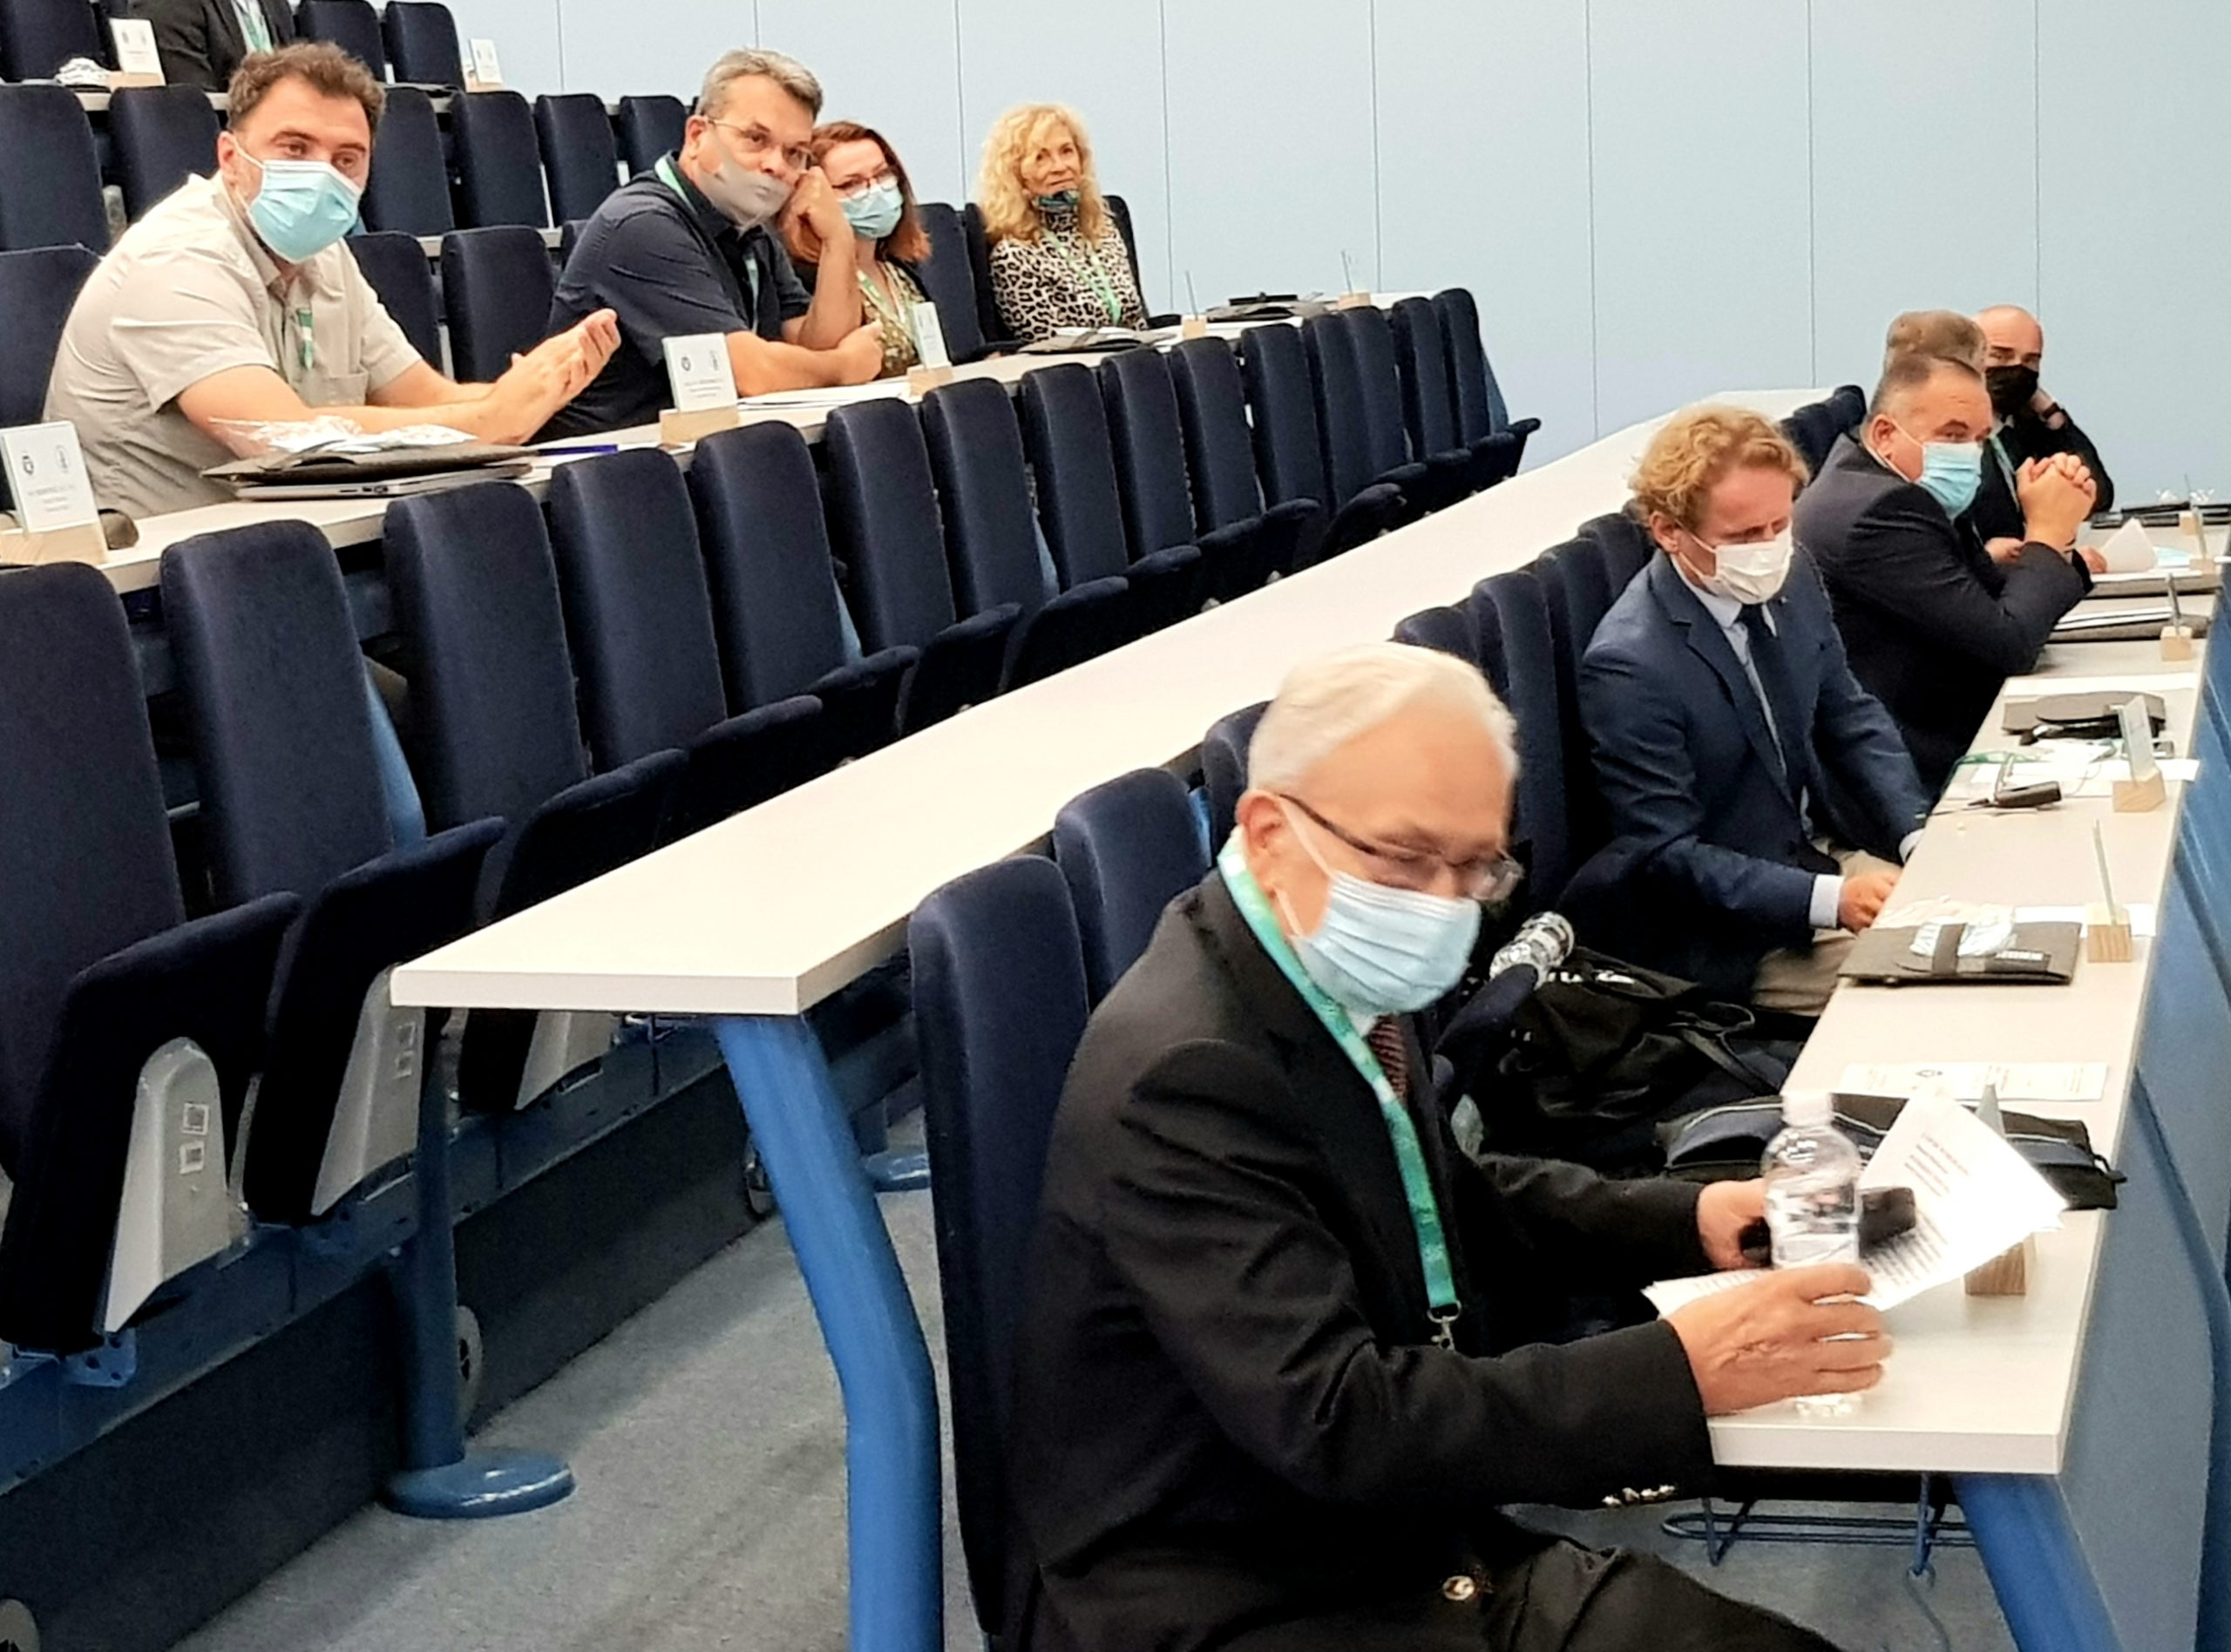 Konferencija o koronavirusu u Rijeci / Snimio Marko GRACIN